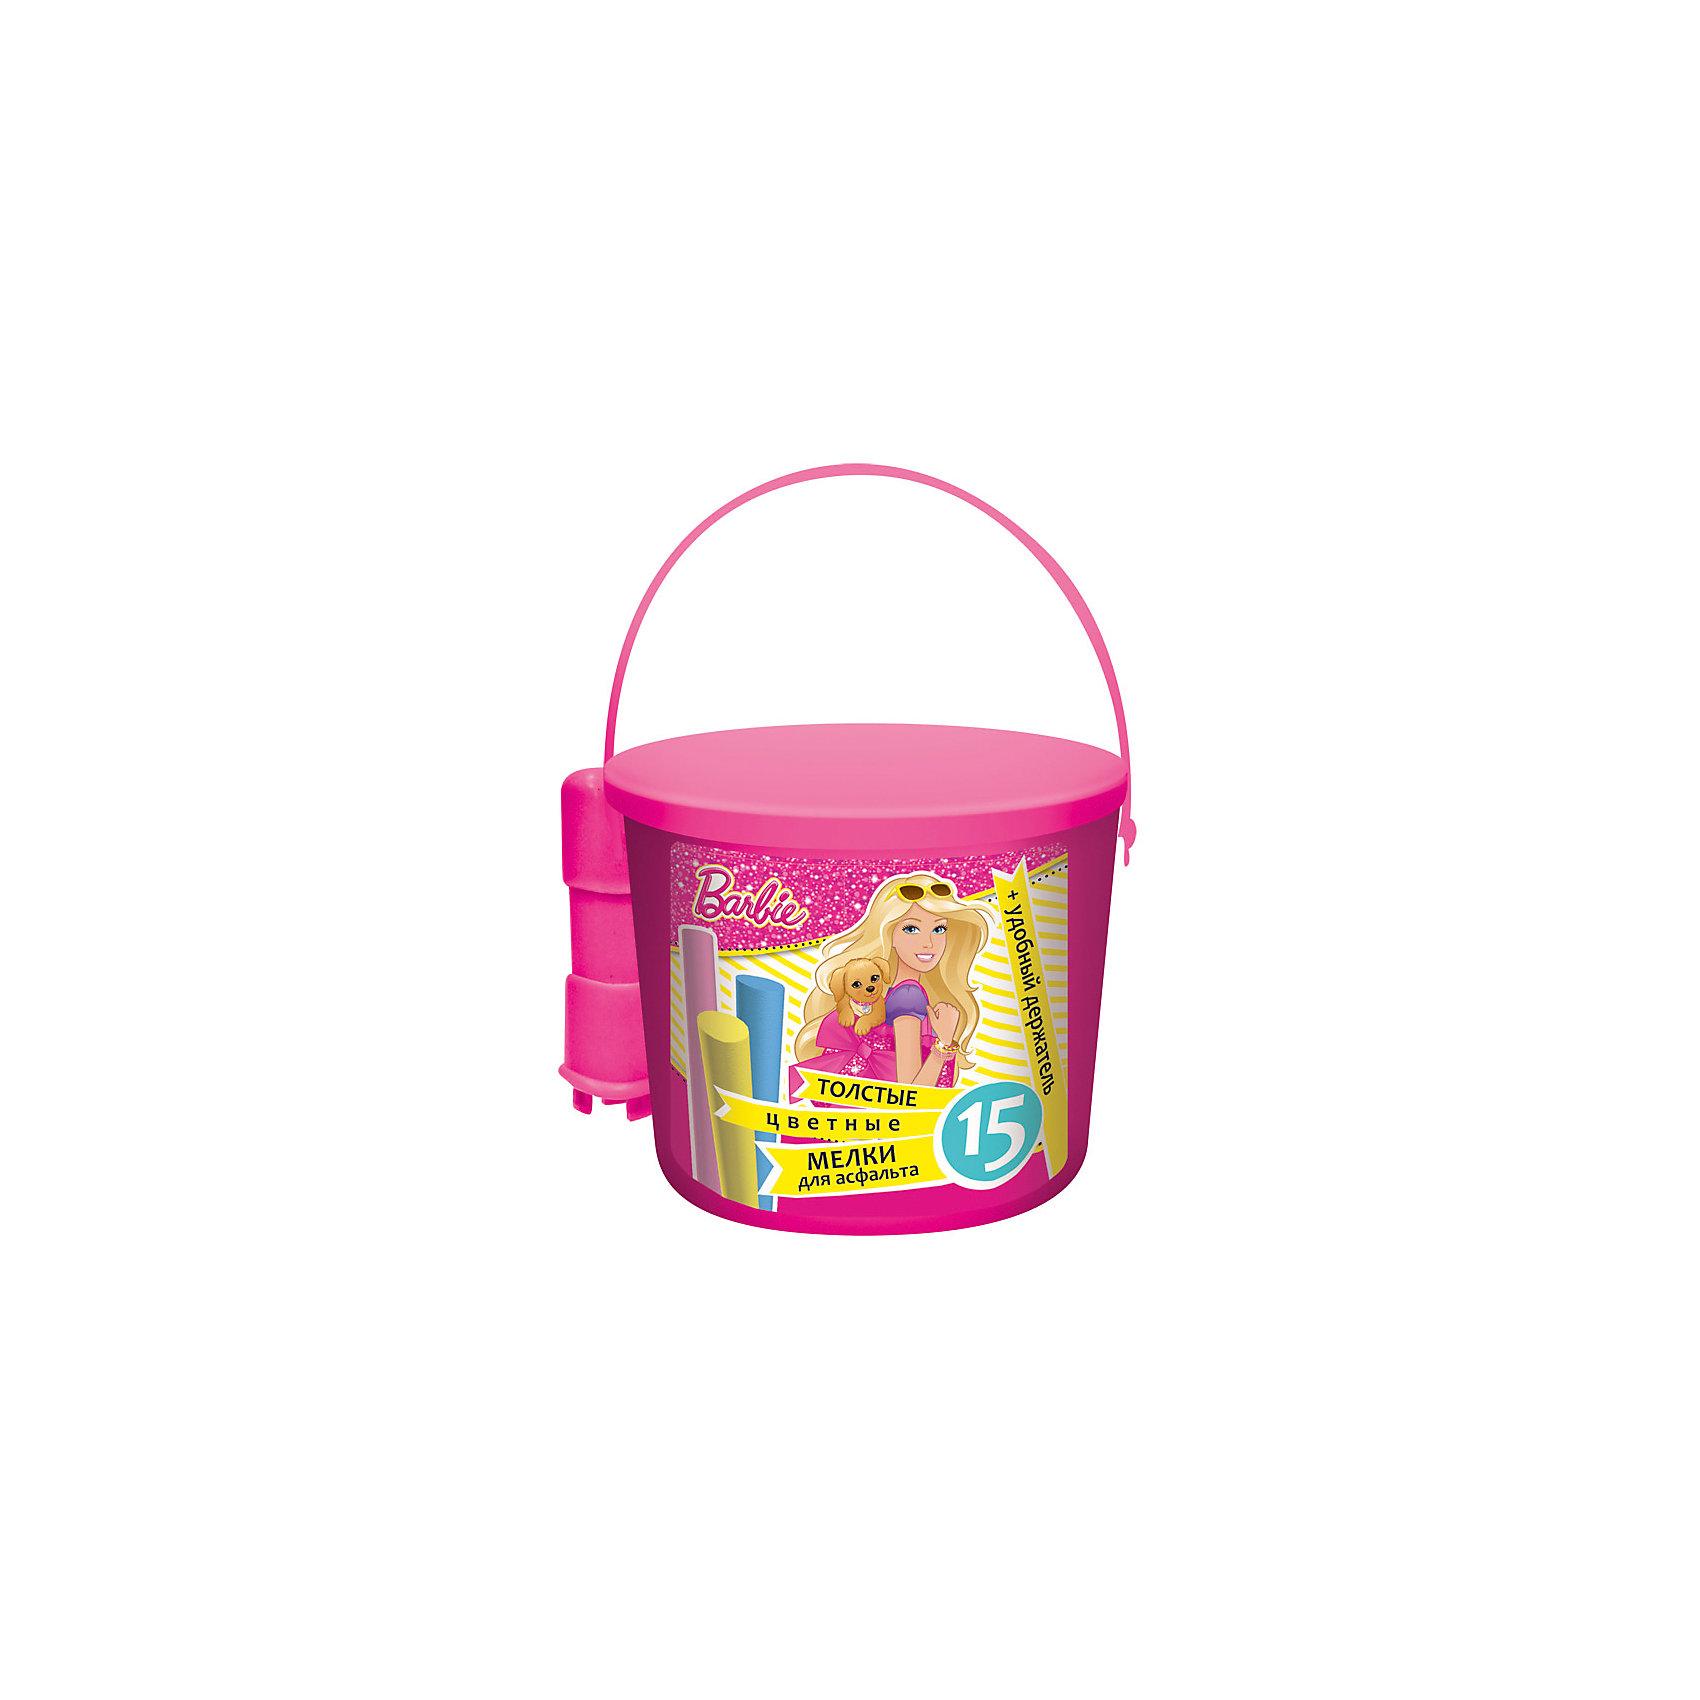 Мелки для асфальта с держателем, BarbieМелки для асфальта<br>Характеристики мелков для асфальта с держателем, Barbie:<br><br>• тип: мелки асфальтовые<br>• размеры упаковки: 11.5х12.5х15 см<br>• материал корпуса: пластик<br>• количество в упаковке: 15 шт.<br>• страна бренда: США<br>• страна производитель: Китай<br><br>Мелки для асфальта с держателем Barbie предназначены для рисования на асфальте. Благодаря крупному размеру и форме, мелки удобно держать в руке. Рисование разноцветными мелками способствует развитию творческих способностей малыша, воображения и мелкой моторики рук.<br><br>Мелки для асфальта с держателем, Barbie можно купить в нашем интернет-магазине.<br><br>Ширина мм: 150<br>Глубина мм: 1150<br>Высота мм: 125<br>Вес г: 505<br>Возраст от месяцев: 48<br>Возраст до месяцев: 96<br>Пол: Женский<br>Возраст: Детский<br>SKU: 5475509